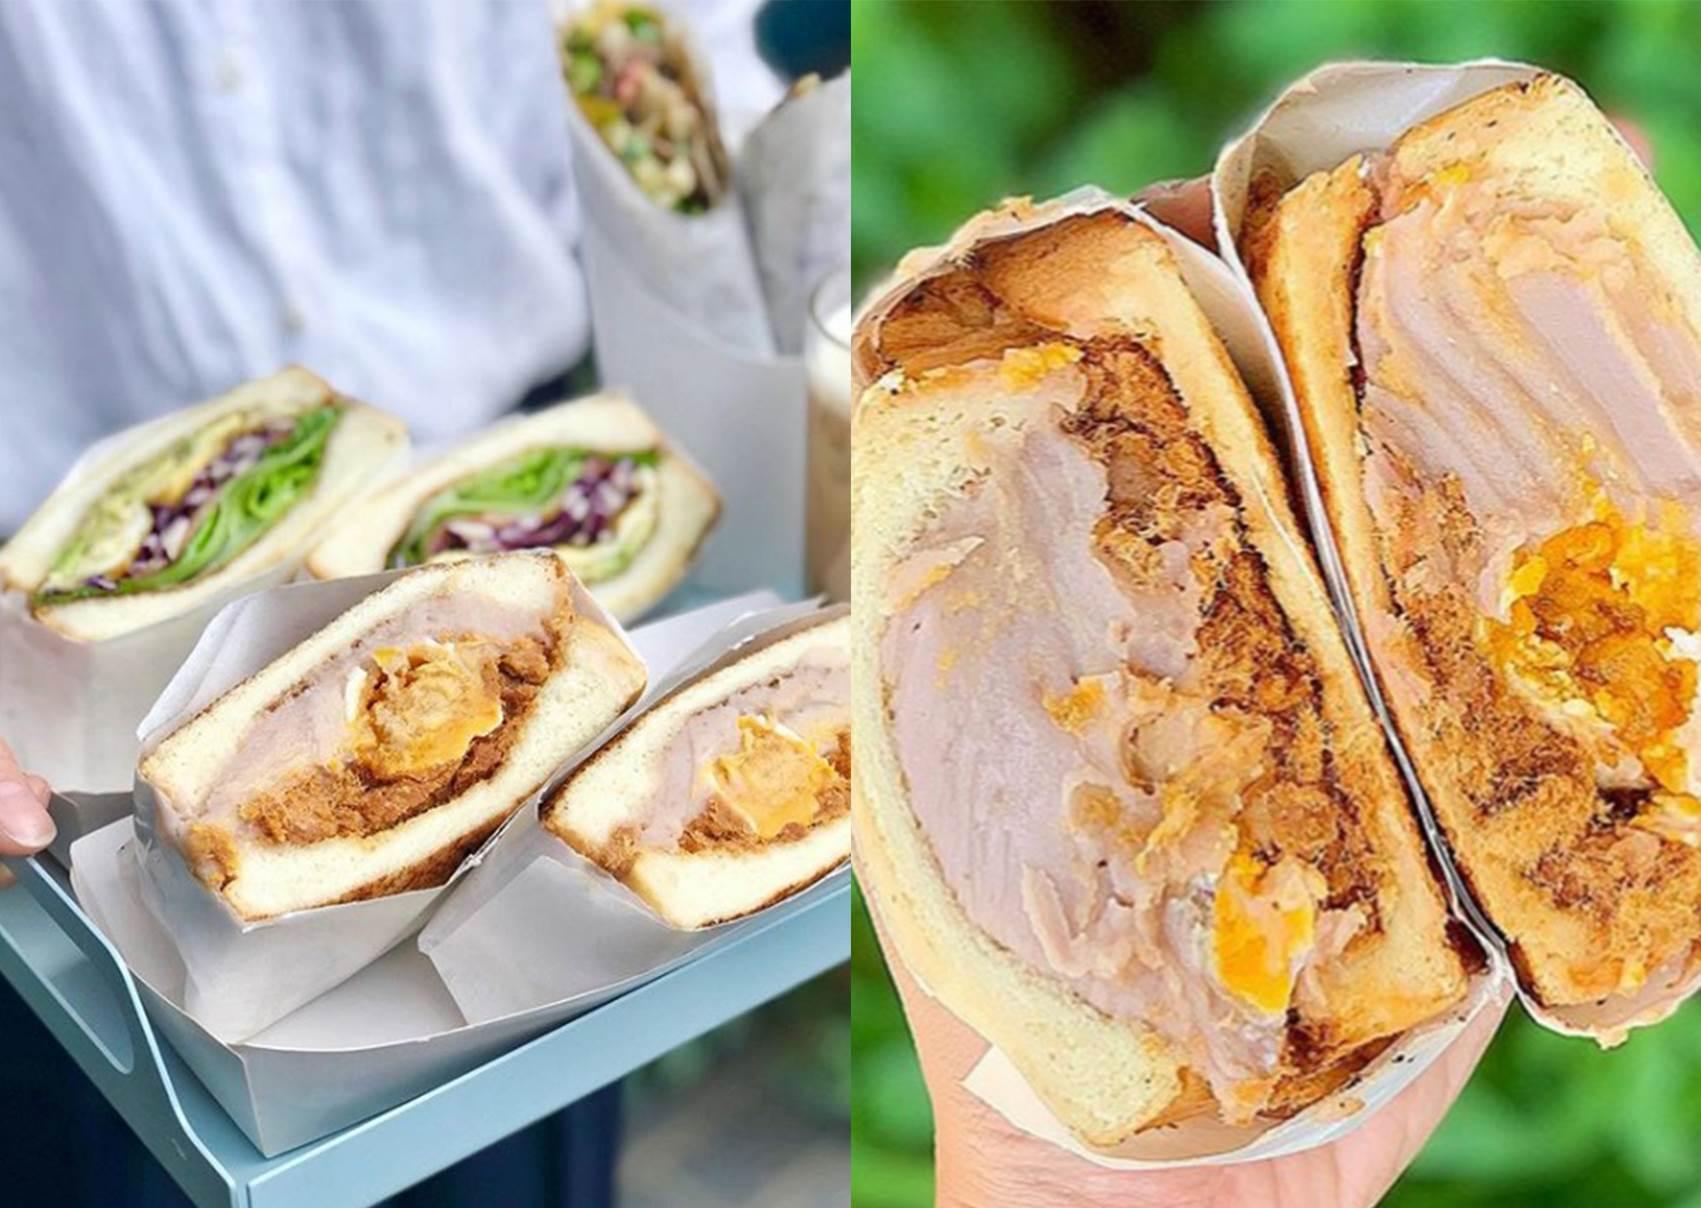 芋泥餡滿出來了啦!超澎湃「芋泥鹹蛋黃肉鬆三明治」,還包了整顆鹹蛋黃根本不吃不行啊~